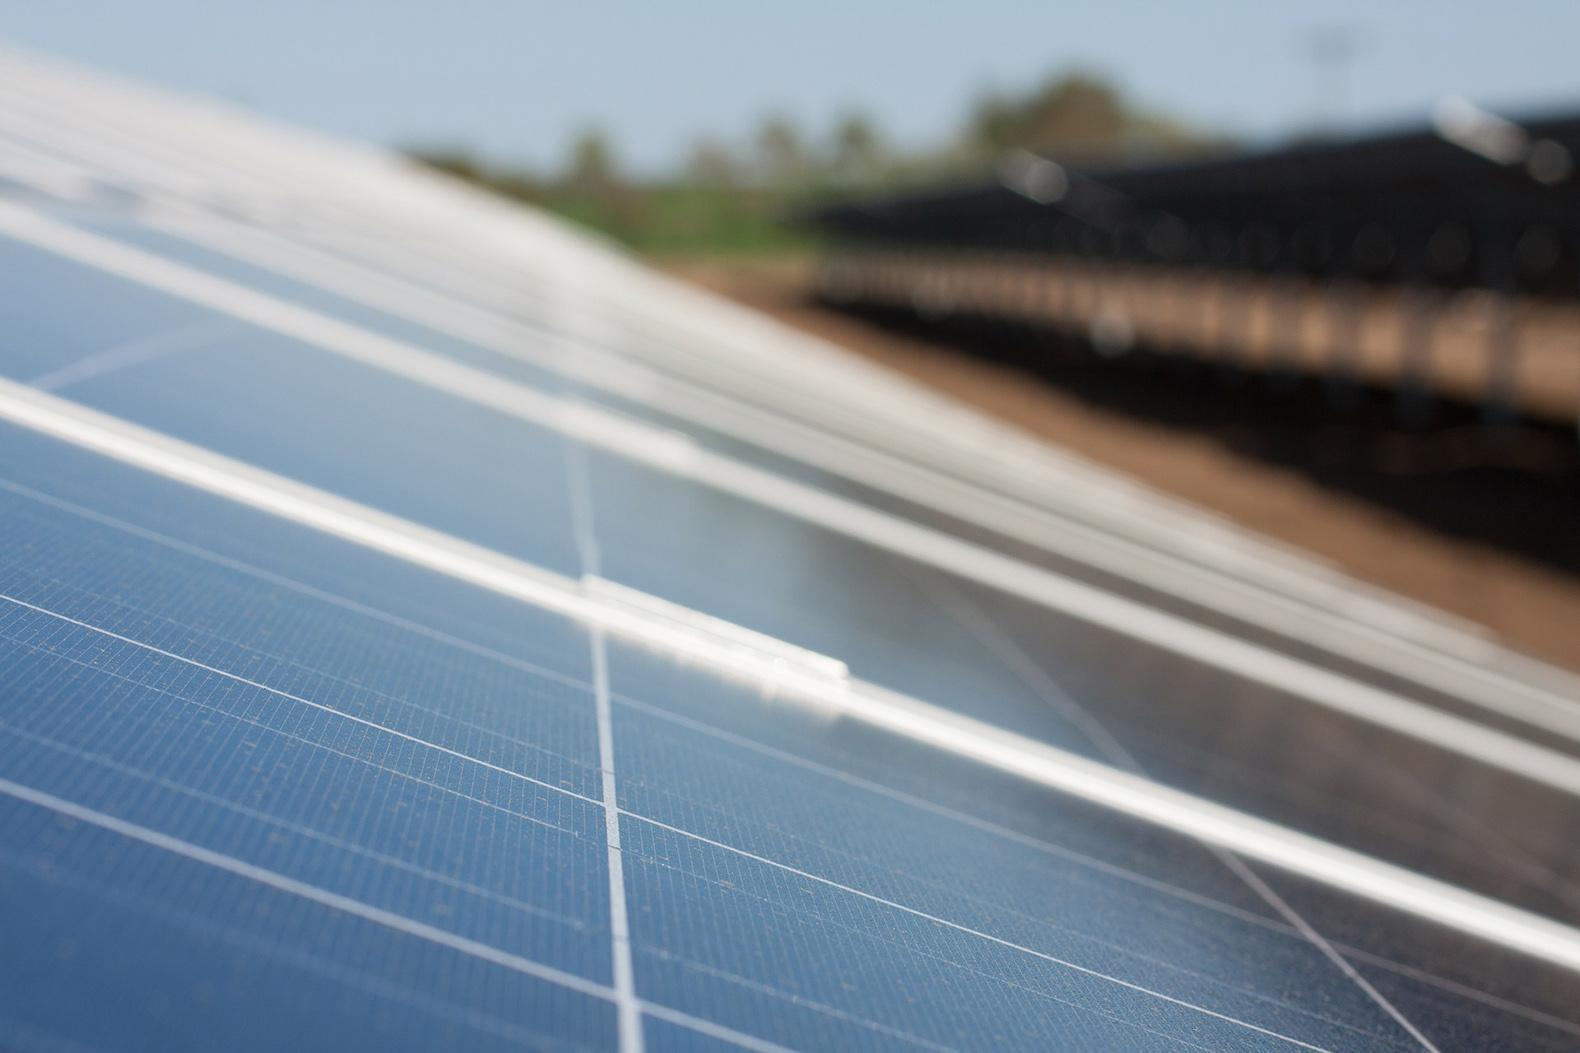 Рекордно низкие цены на солнечную энергию в Дубае. Facepla.net последние новости экологии